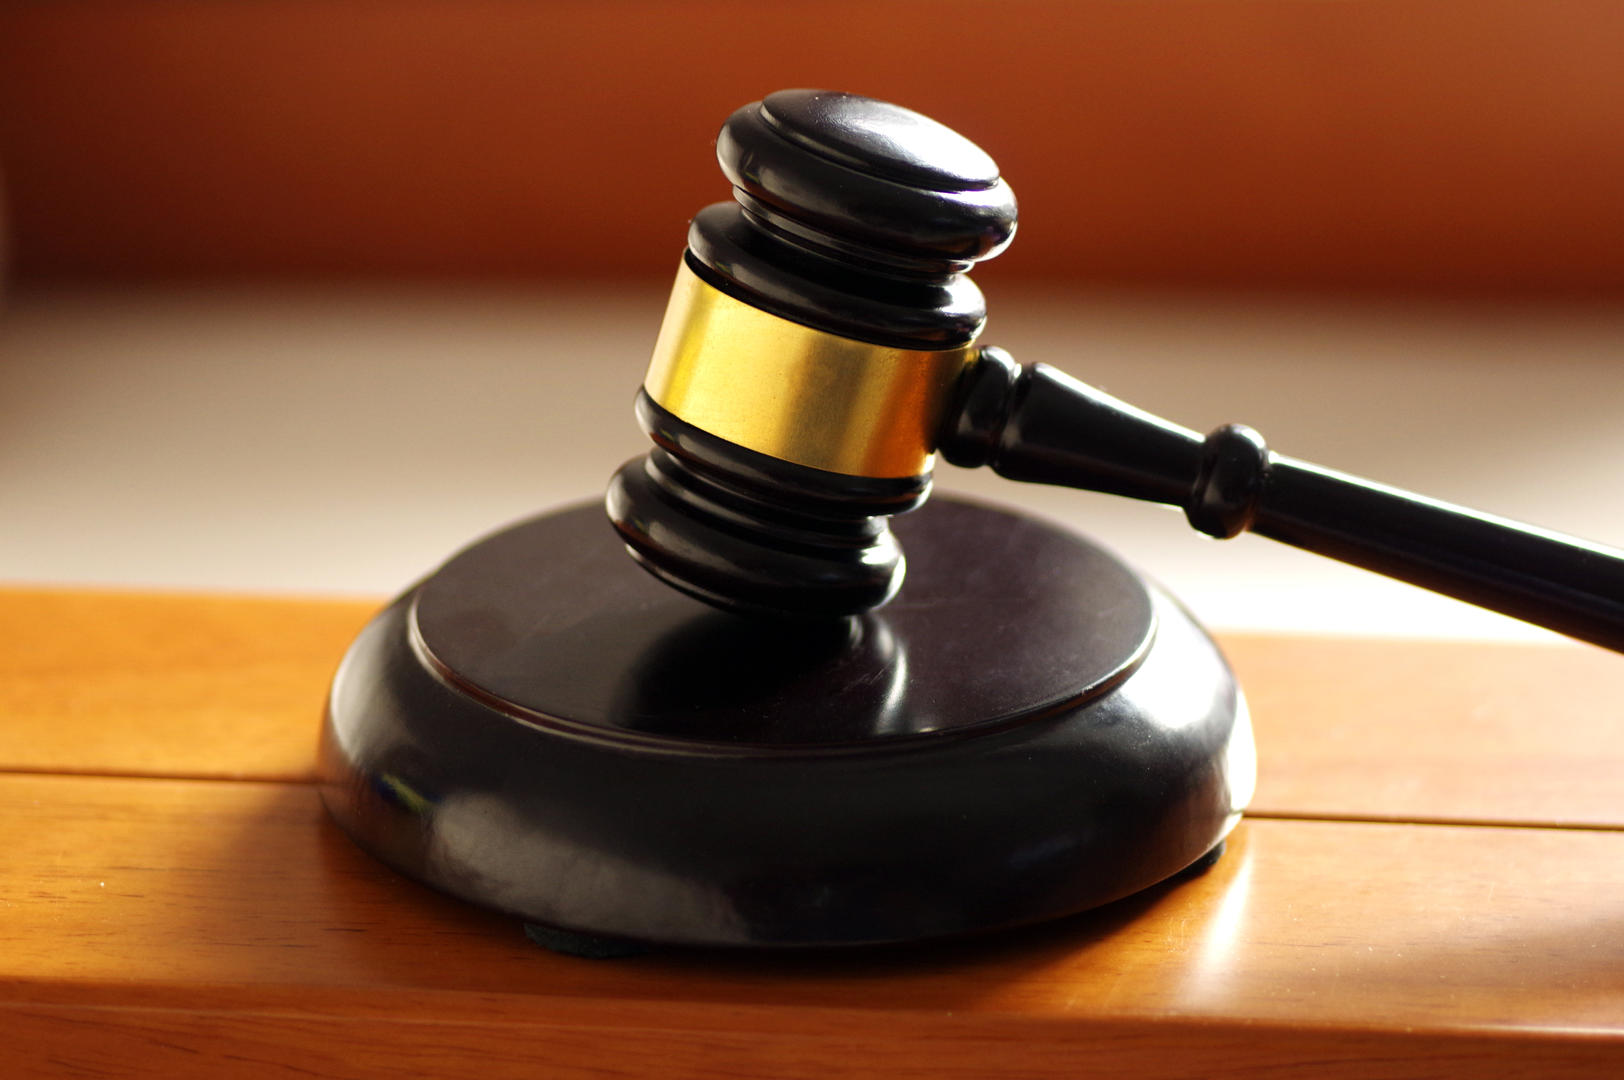 偷穿制服冒充国税局人员 男子以恋爱之名从女友处捞金被判刑